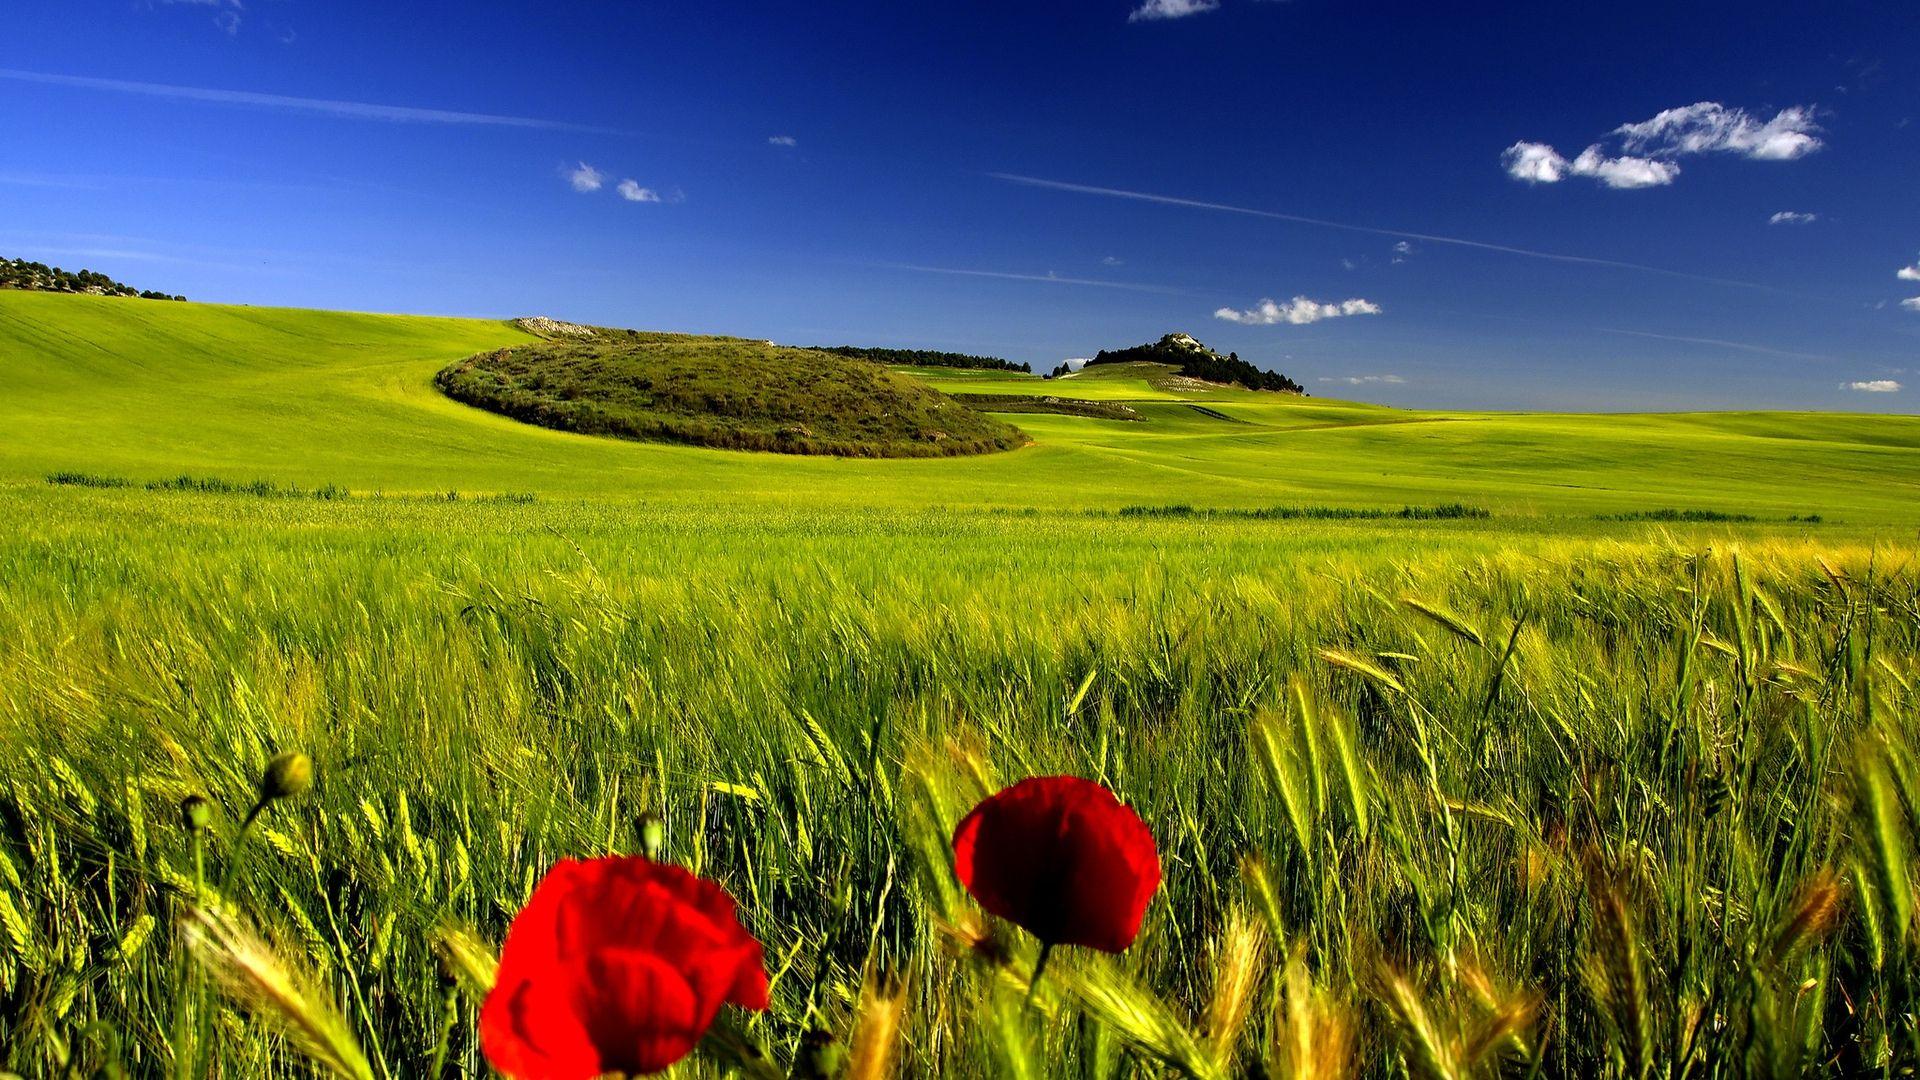 Hd wallpaper nature download - Hd Wallpaper Download Nature Wallpapers Hd Free Download 6986 Hd Wallpaper 3d